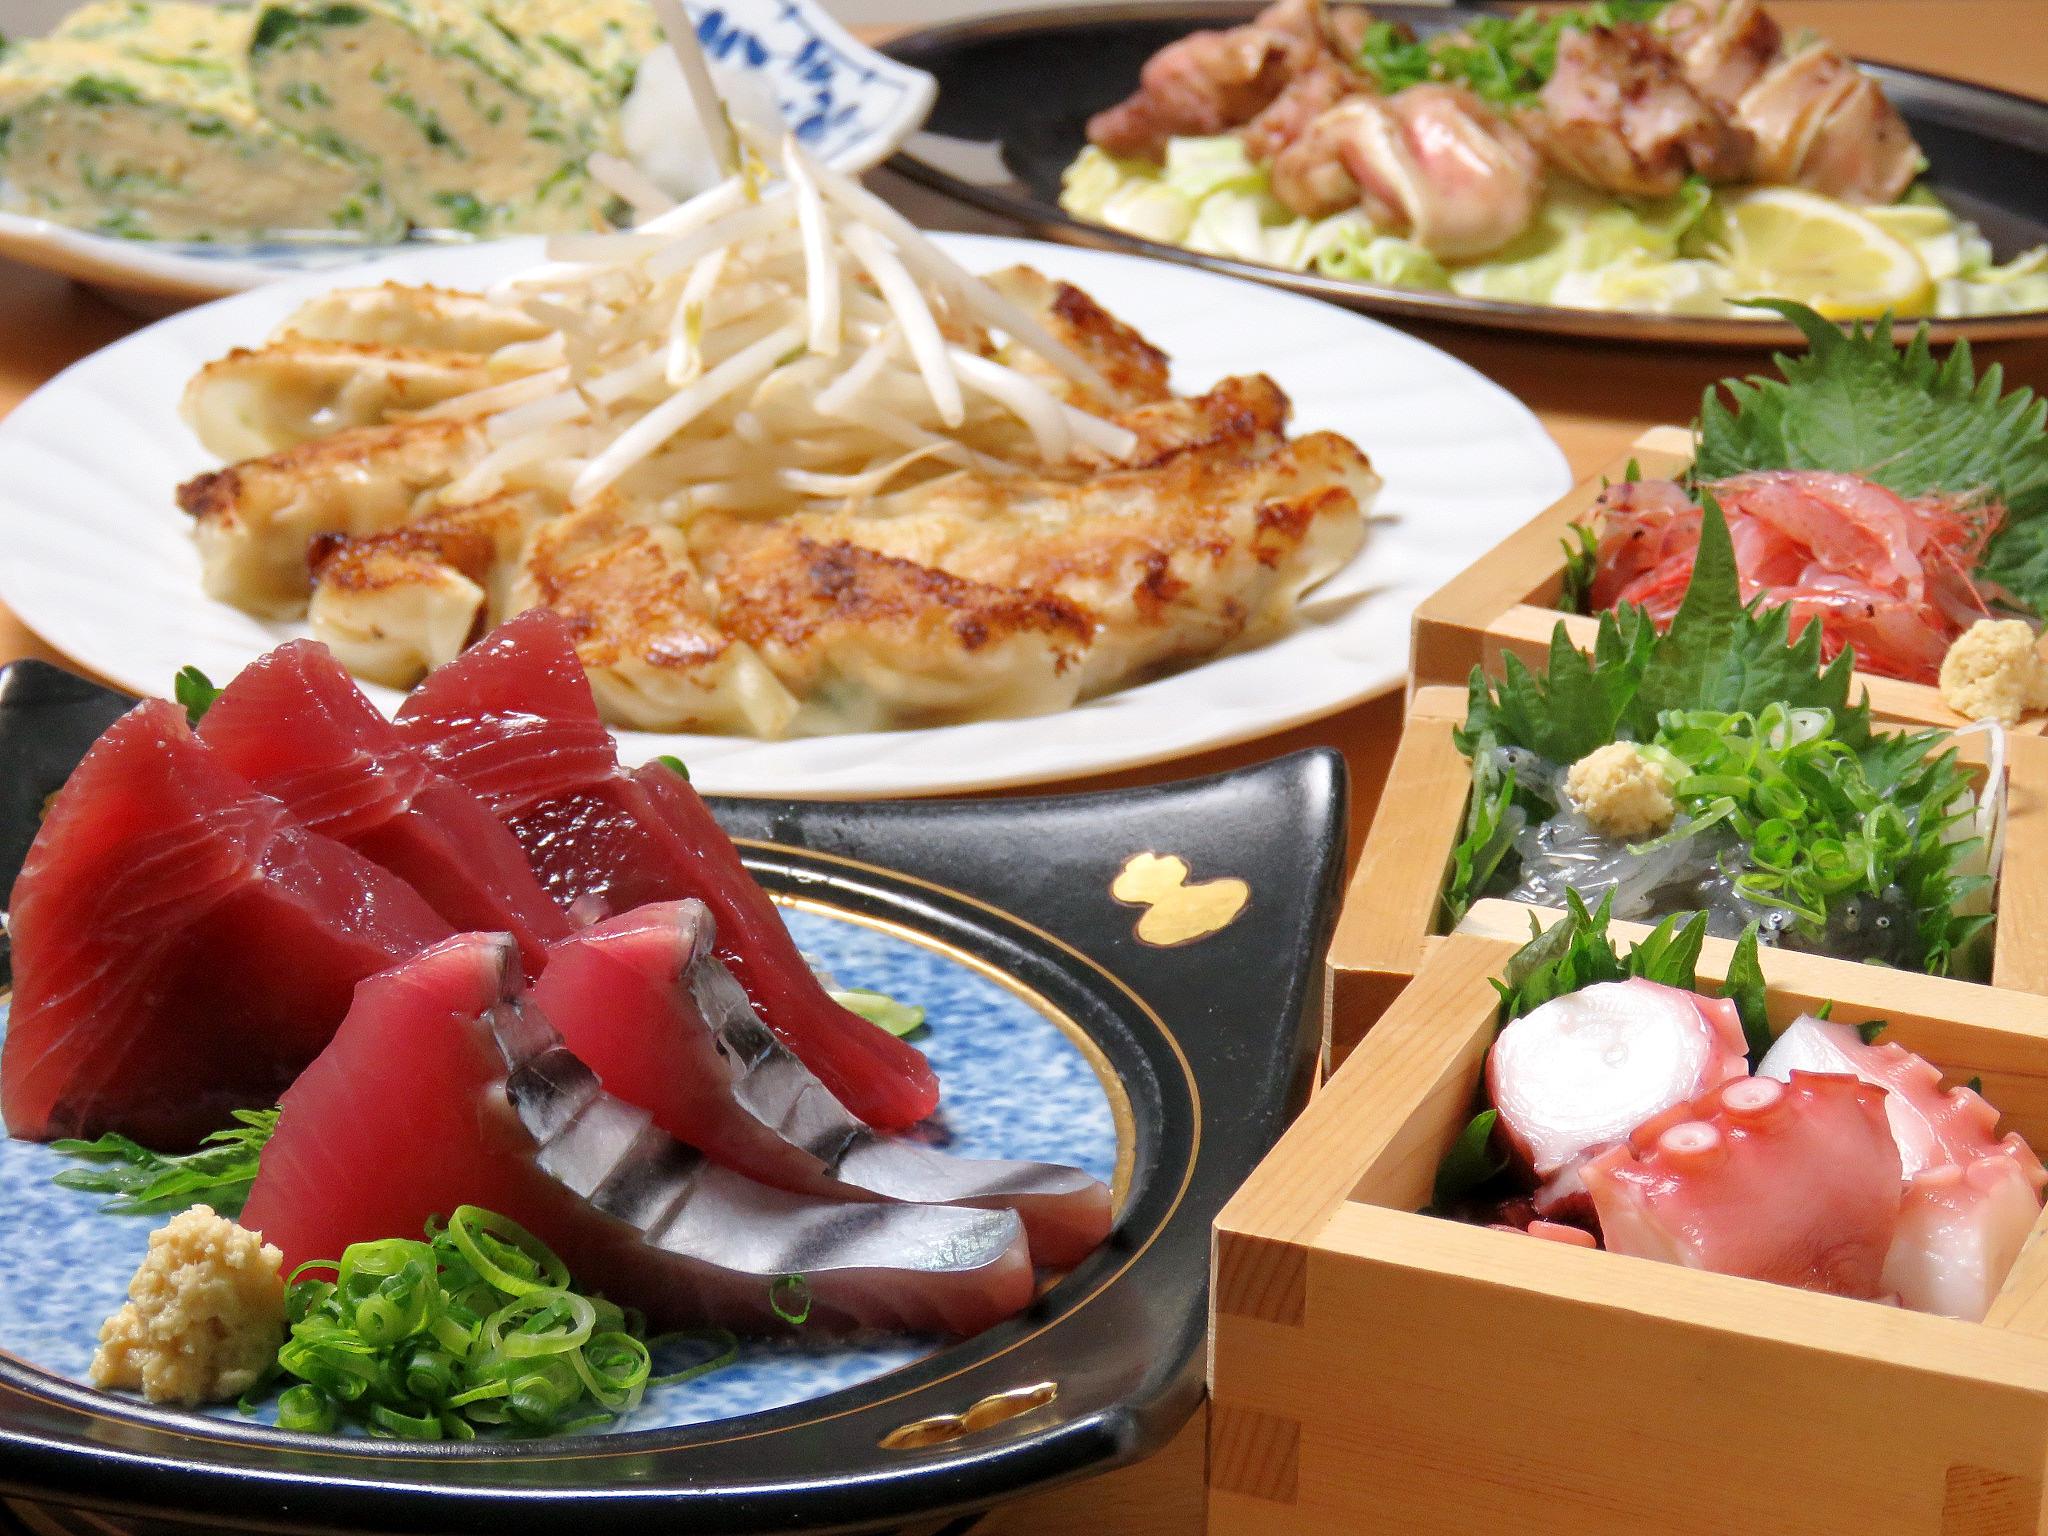 画像:遠州郷土料理 黒フネ/Enshu local cuisine Kurofune